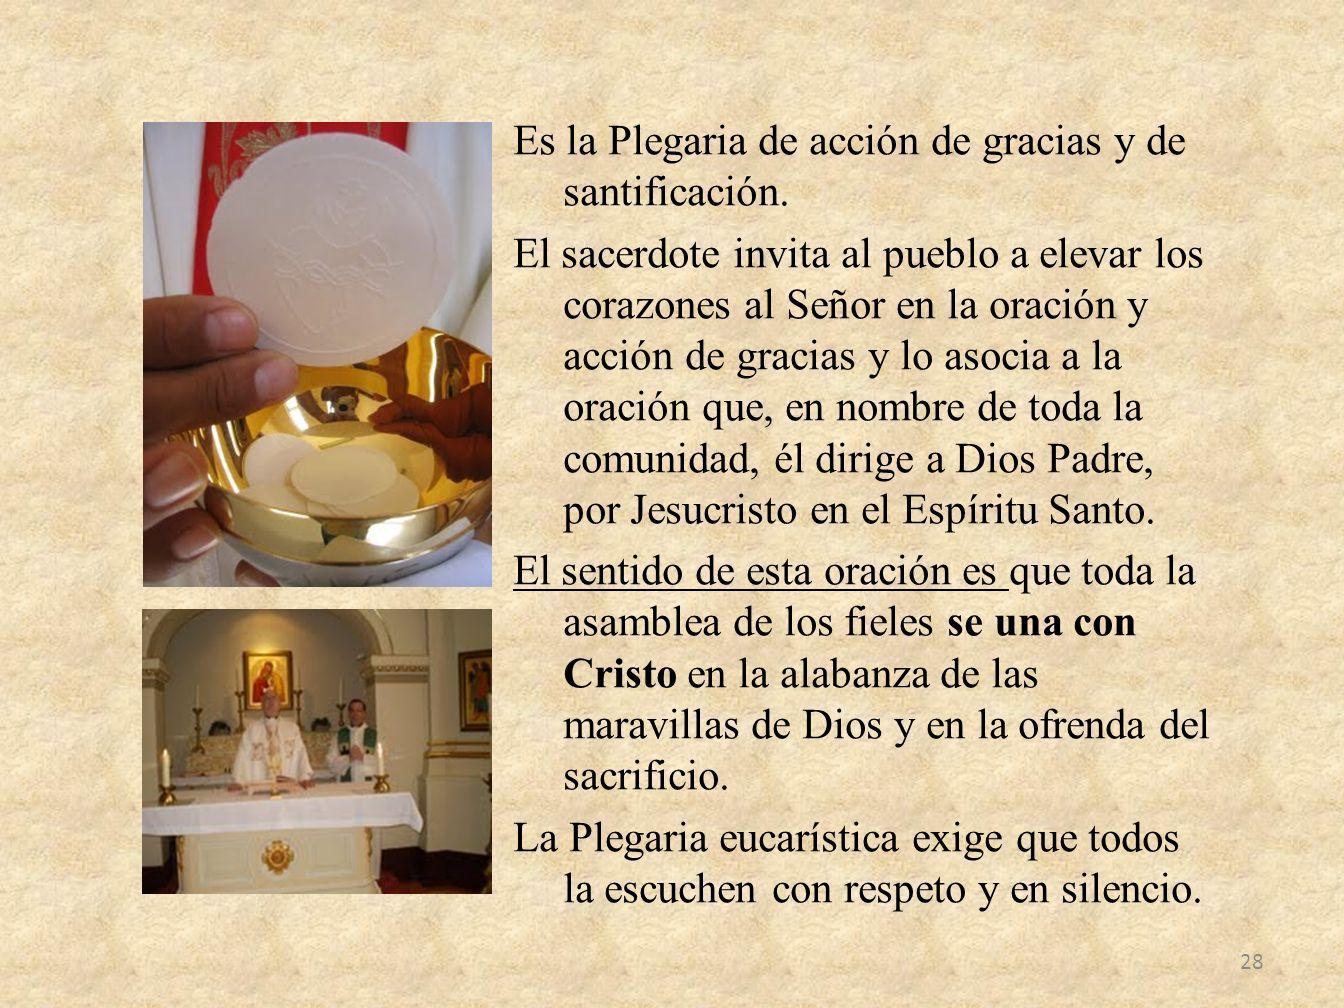 Es la Plegaria de acción de gracias y de santificación